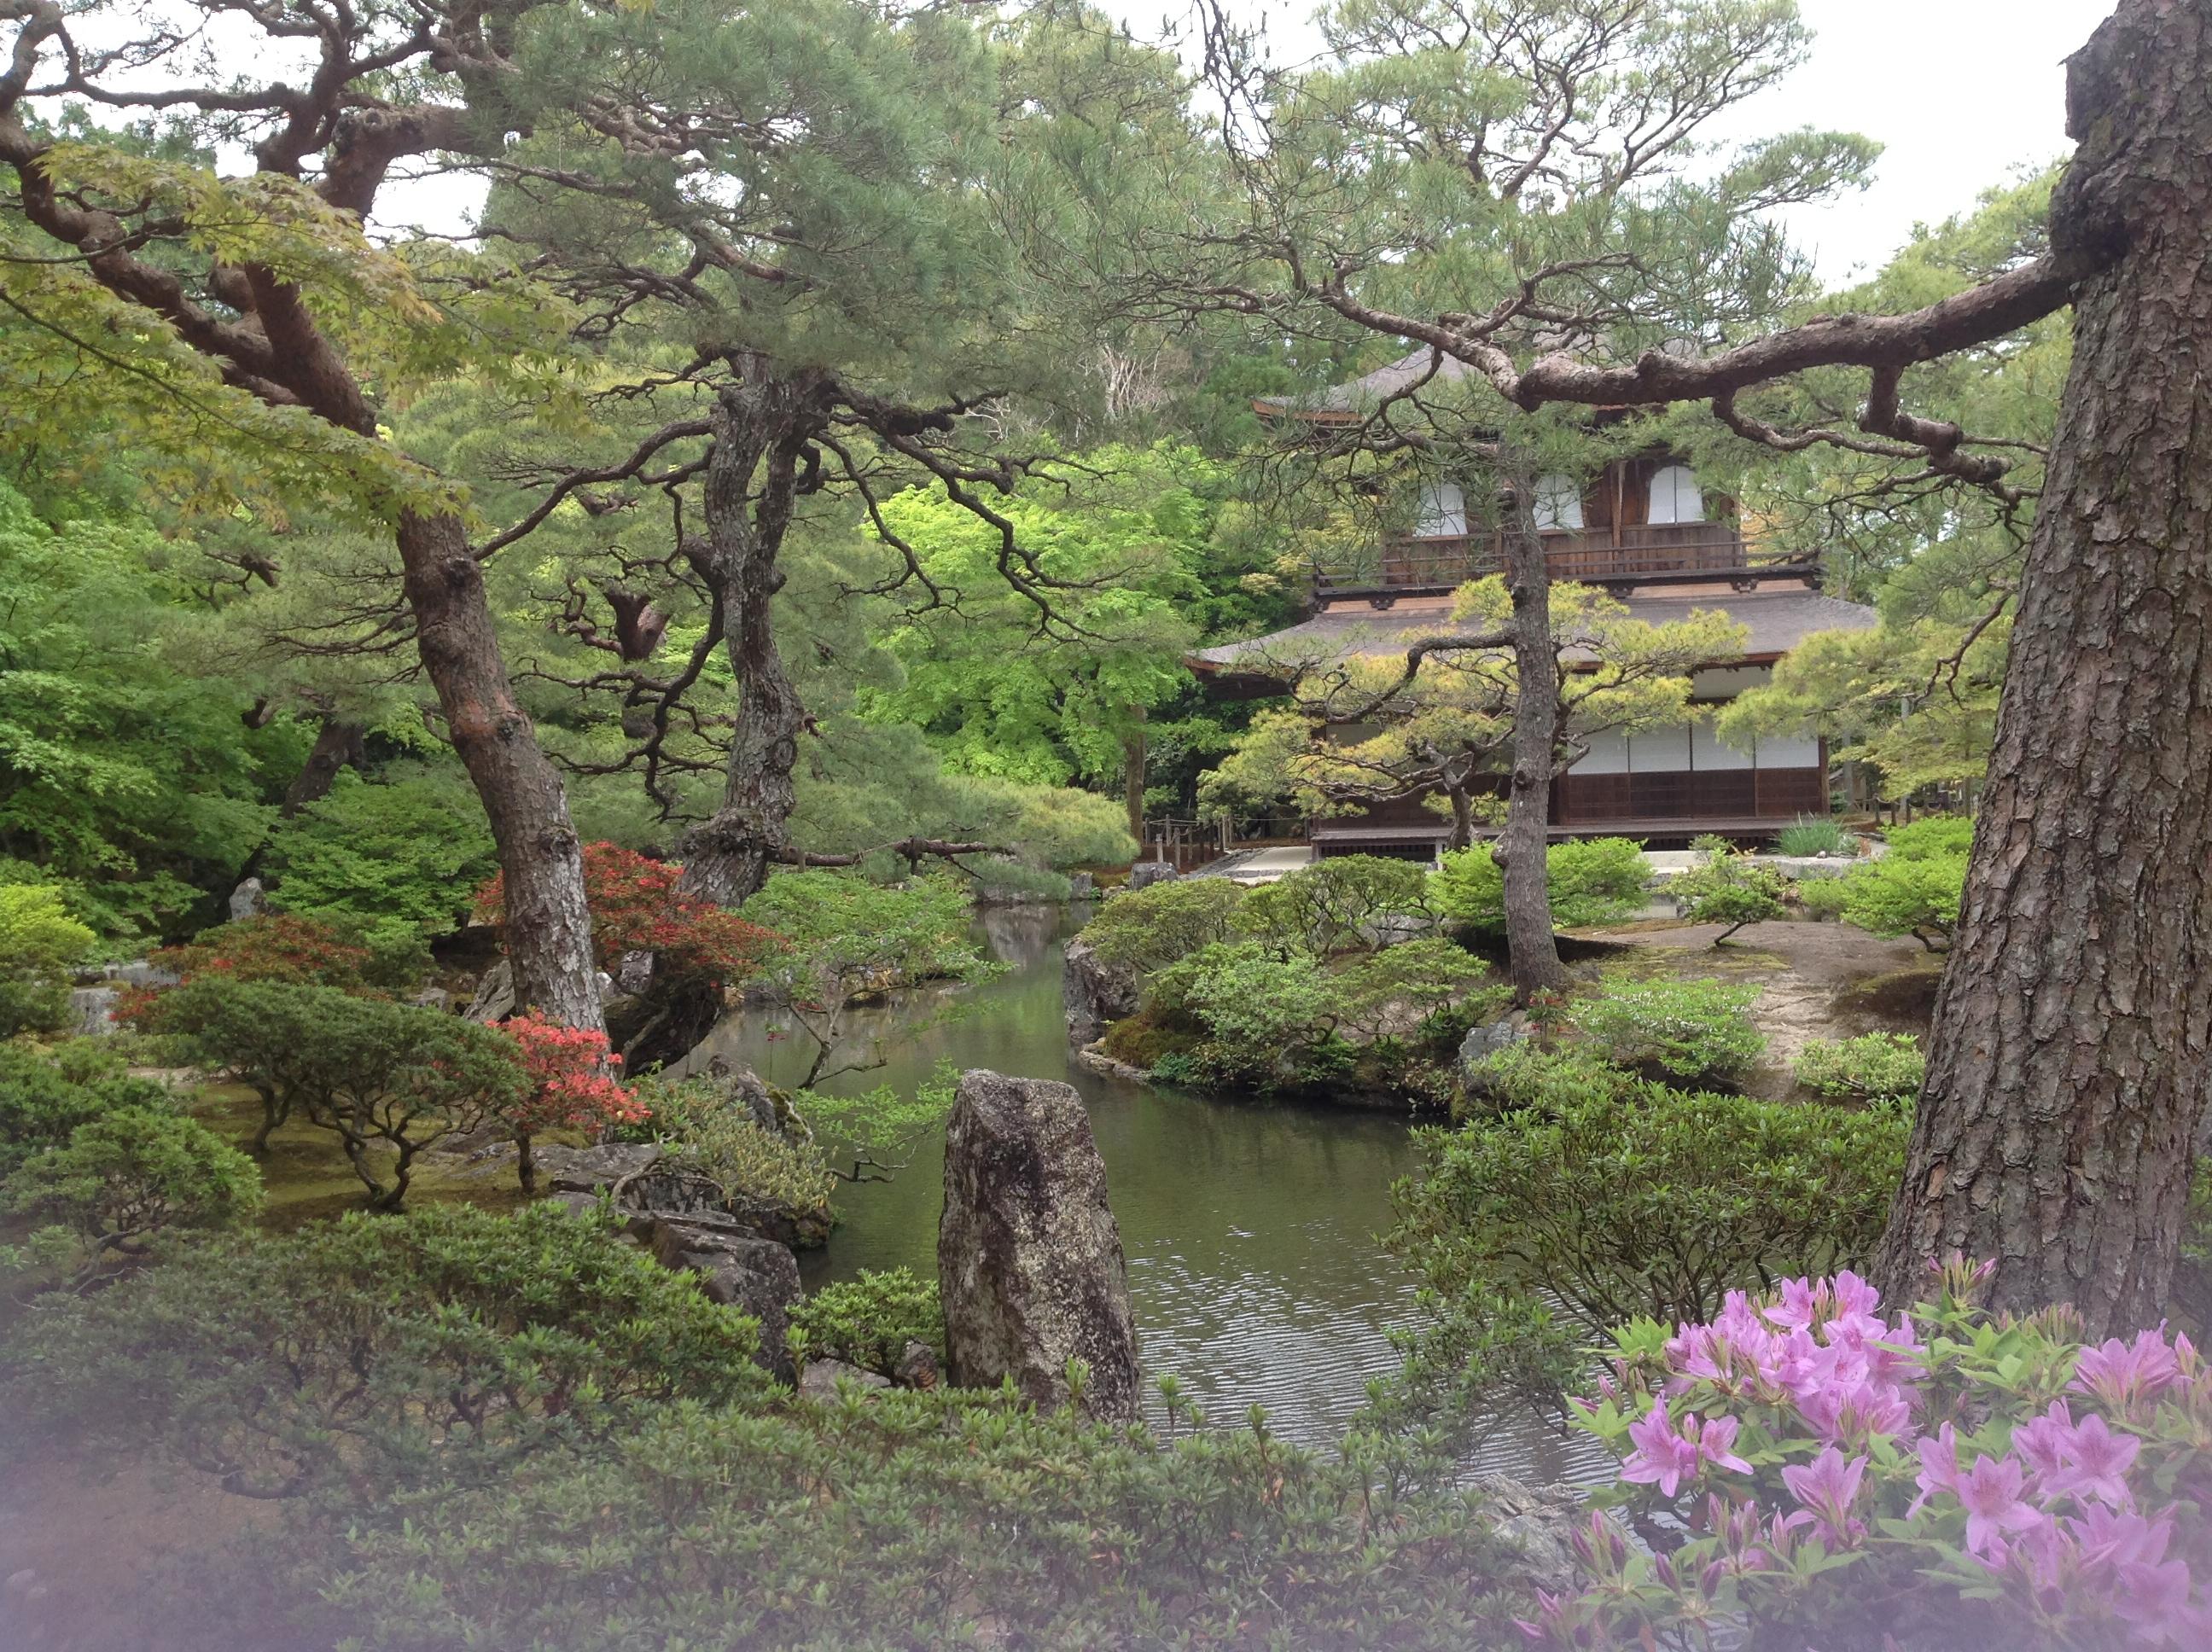 Pedacinho lindo, lindo dos jardins do Templo Ginkokuji, em Kyoto